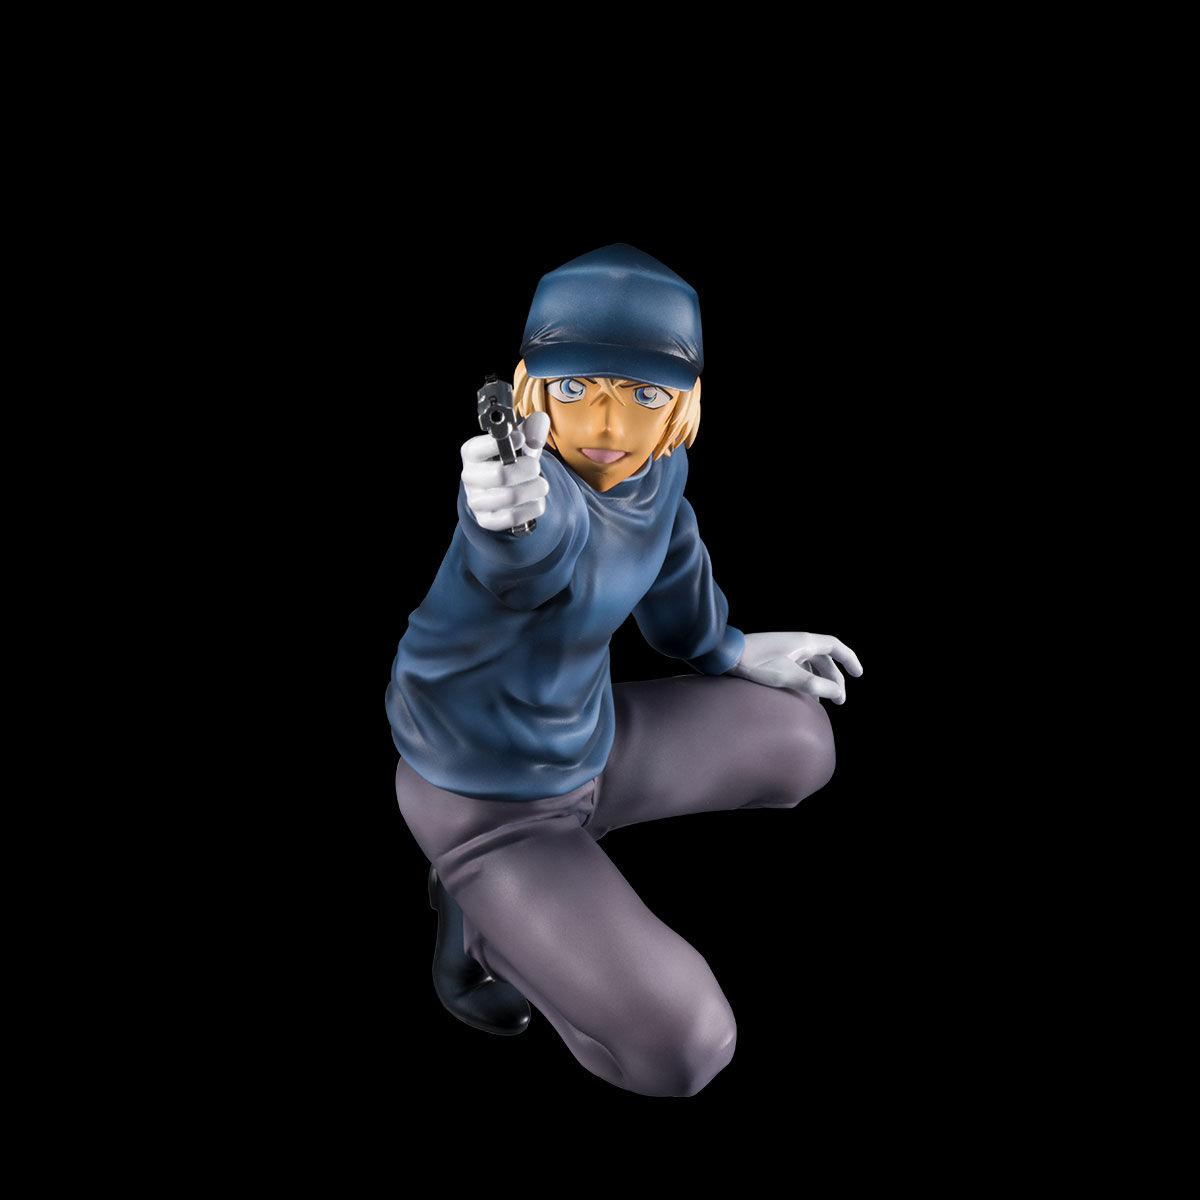 【限定販売】名探偵コナン『DETECTIVE VOICE FIGURE 赤井秀一VSバーボン』完成品フィギュア-008